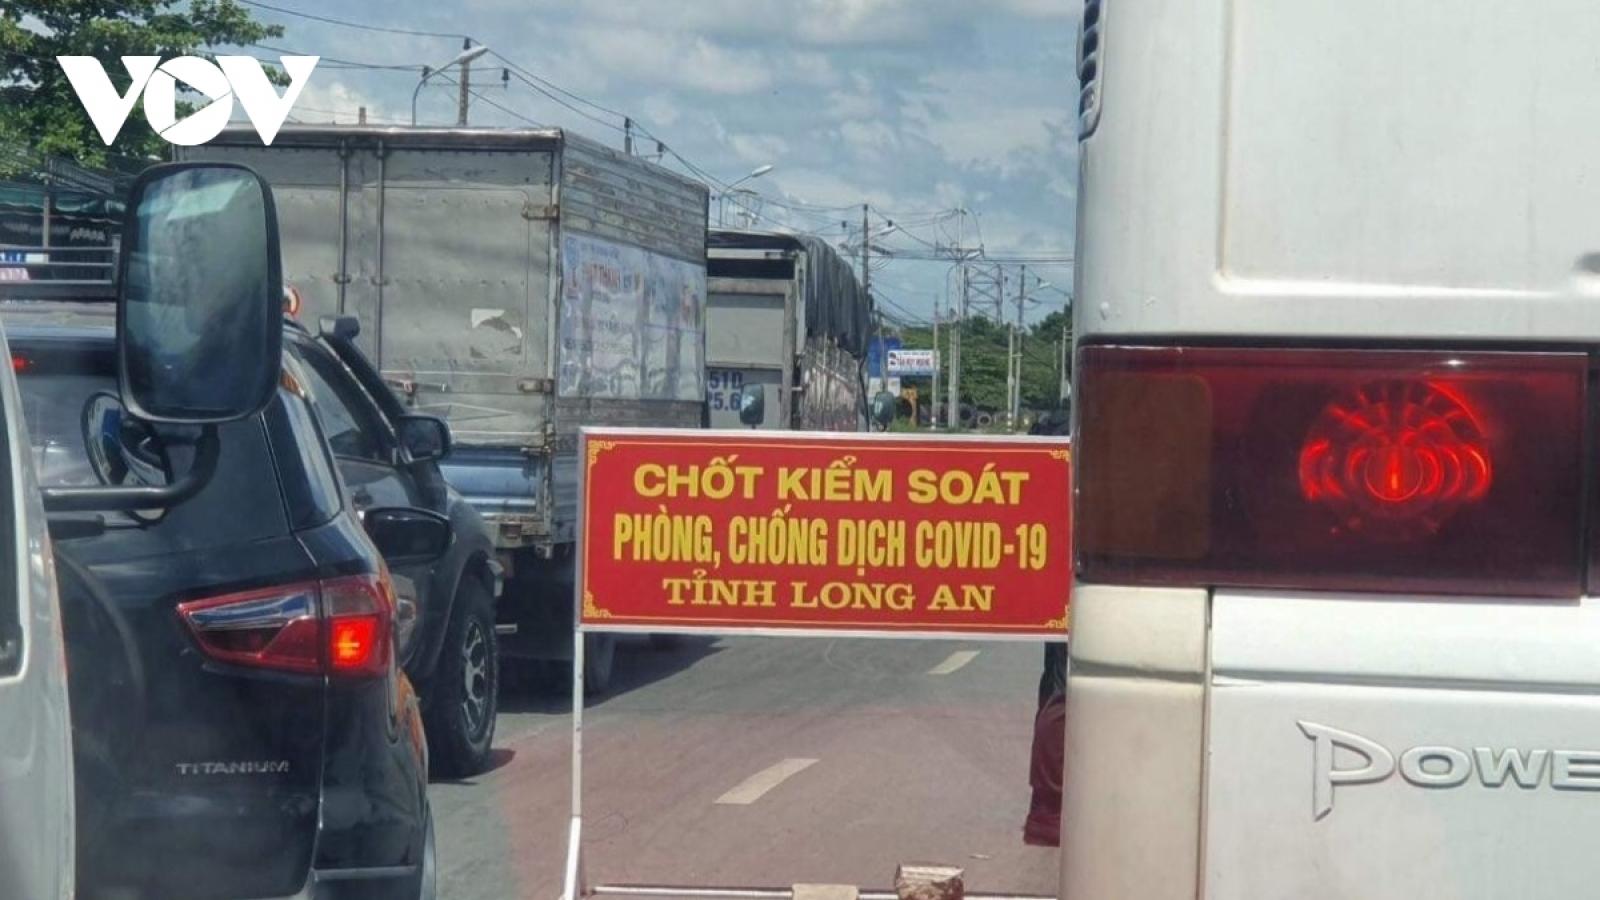 Việt Nam có thêm 633 ca COVID-19 trong 6 giờ qua, phần lớn ở TP.HCM